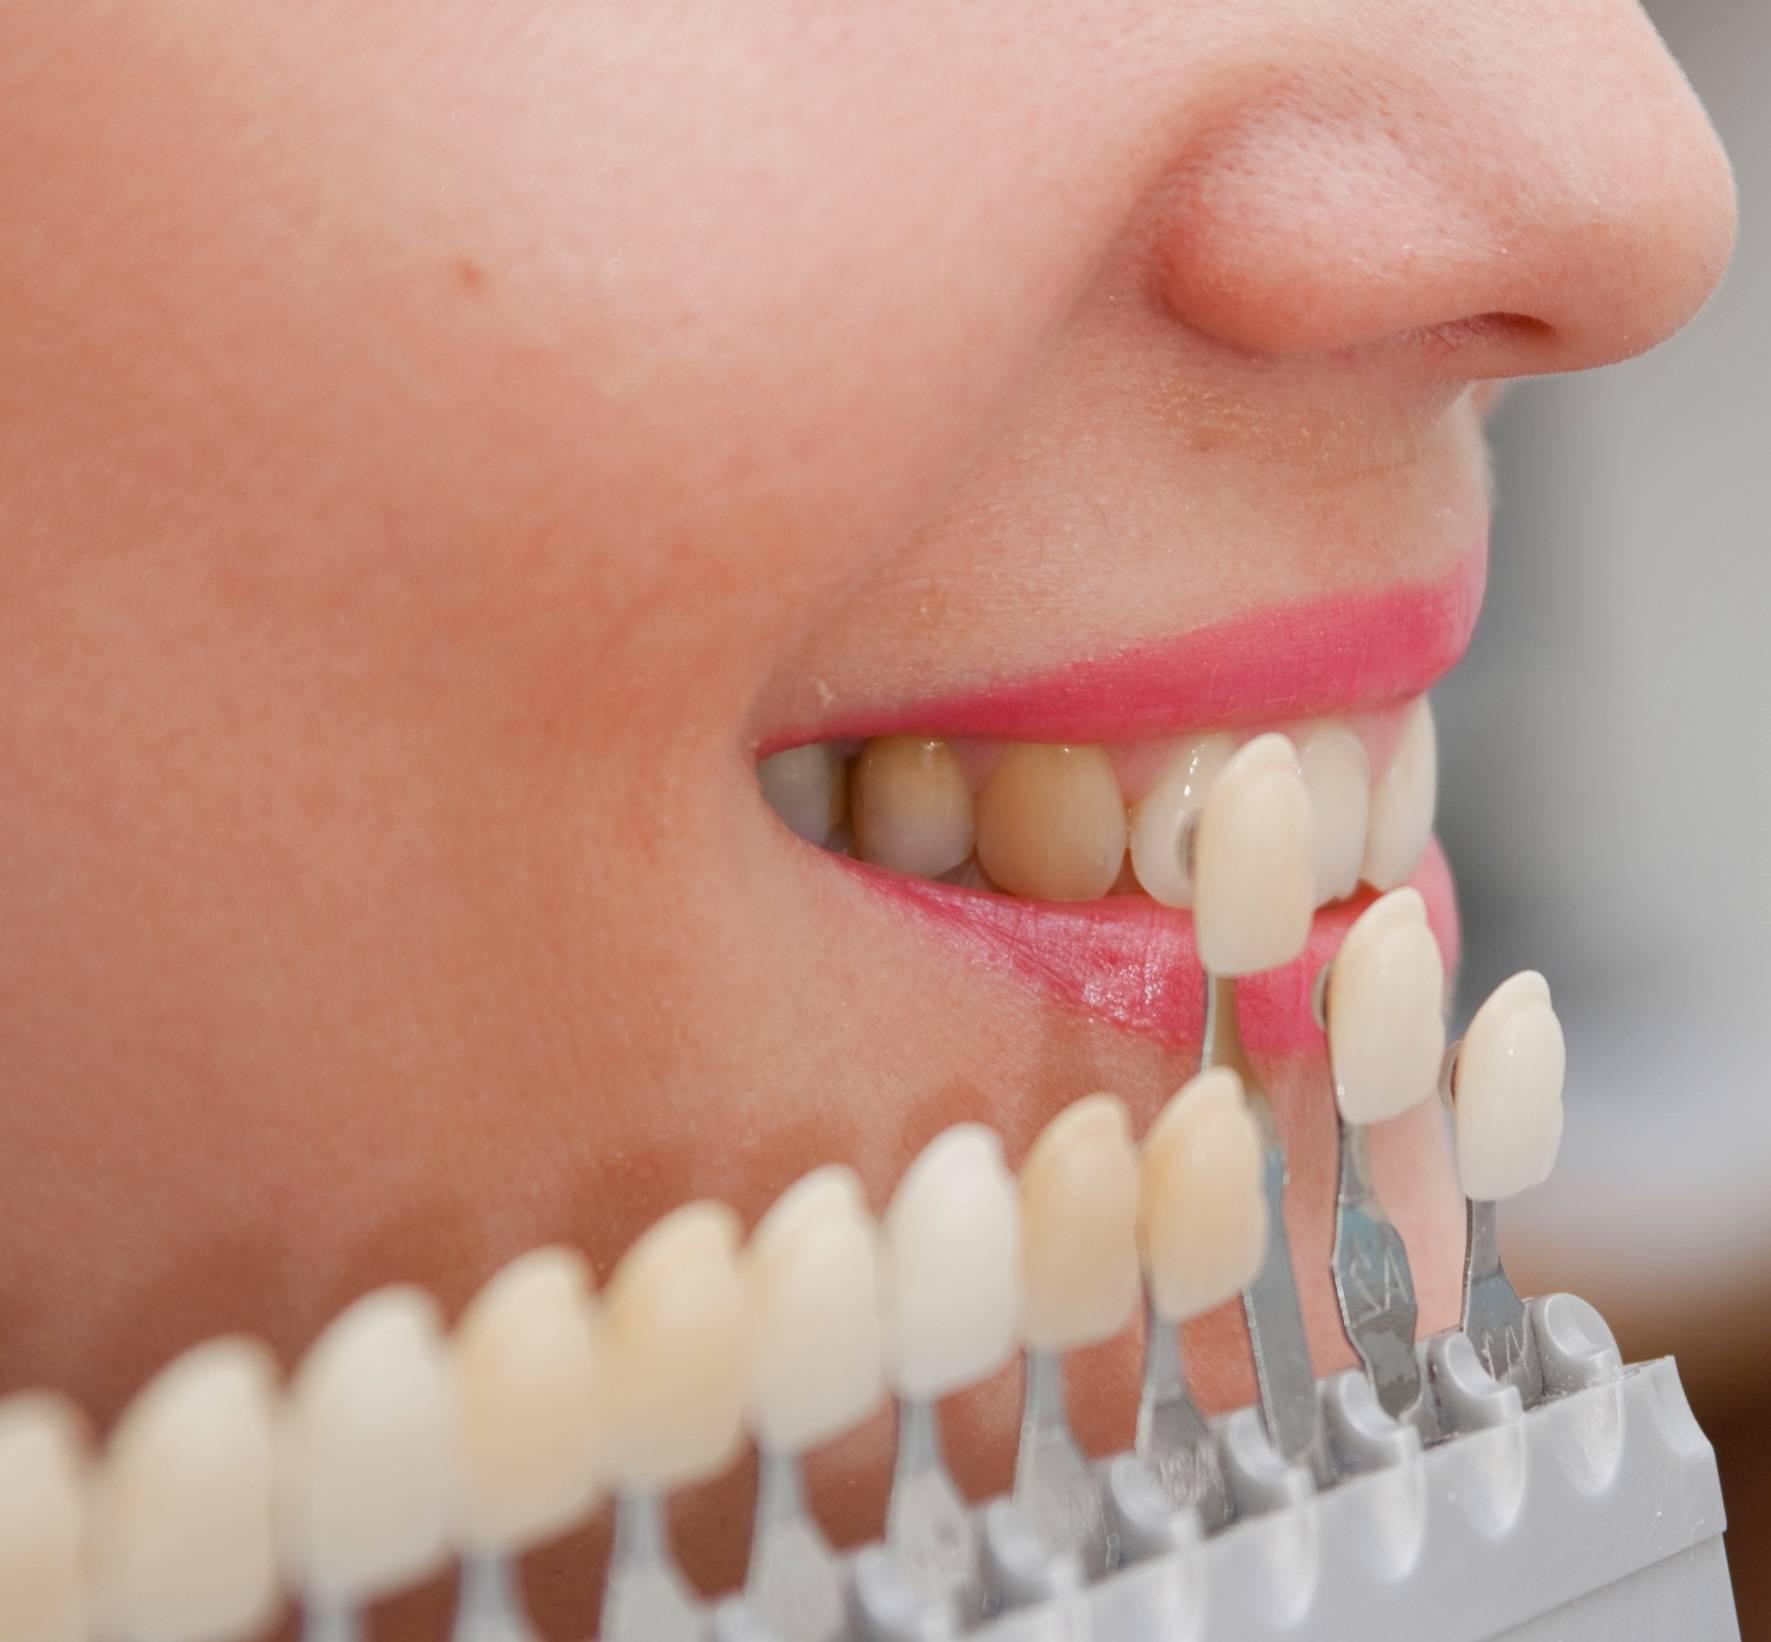 можно ли ставить виниры на кривые зубы